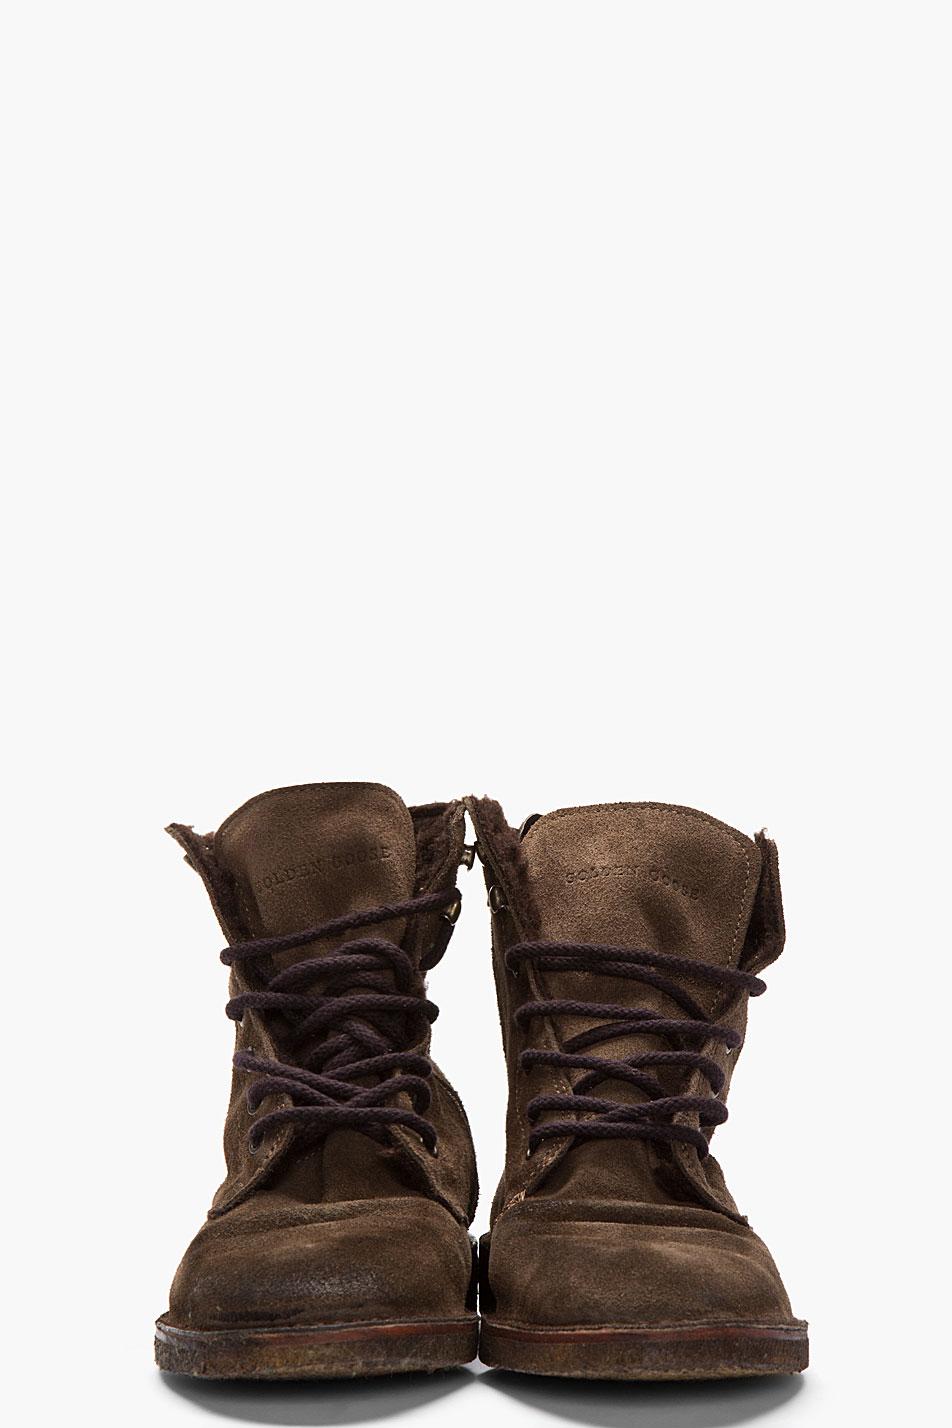 Golden Goose Deluxe Brand Brown Suede Gramercy Boots In